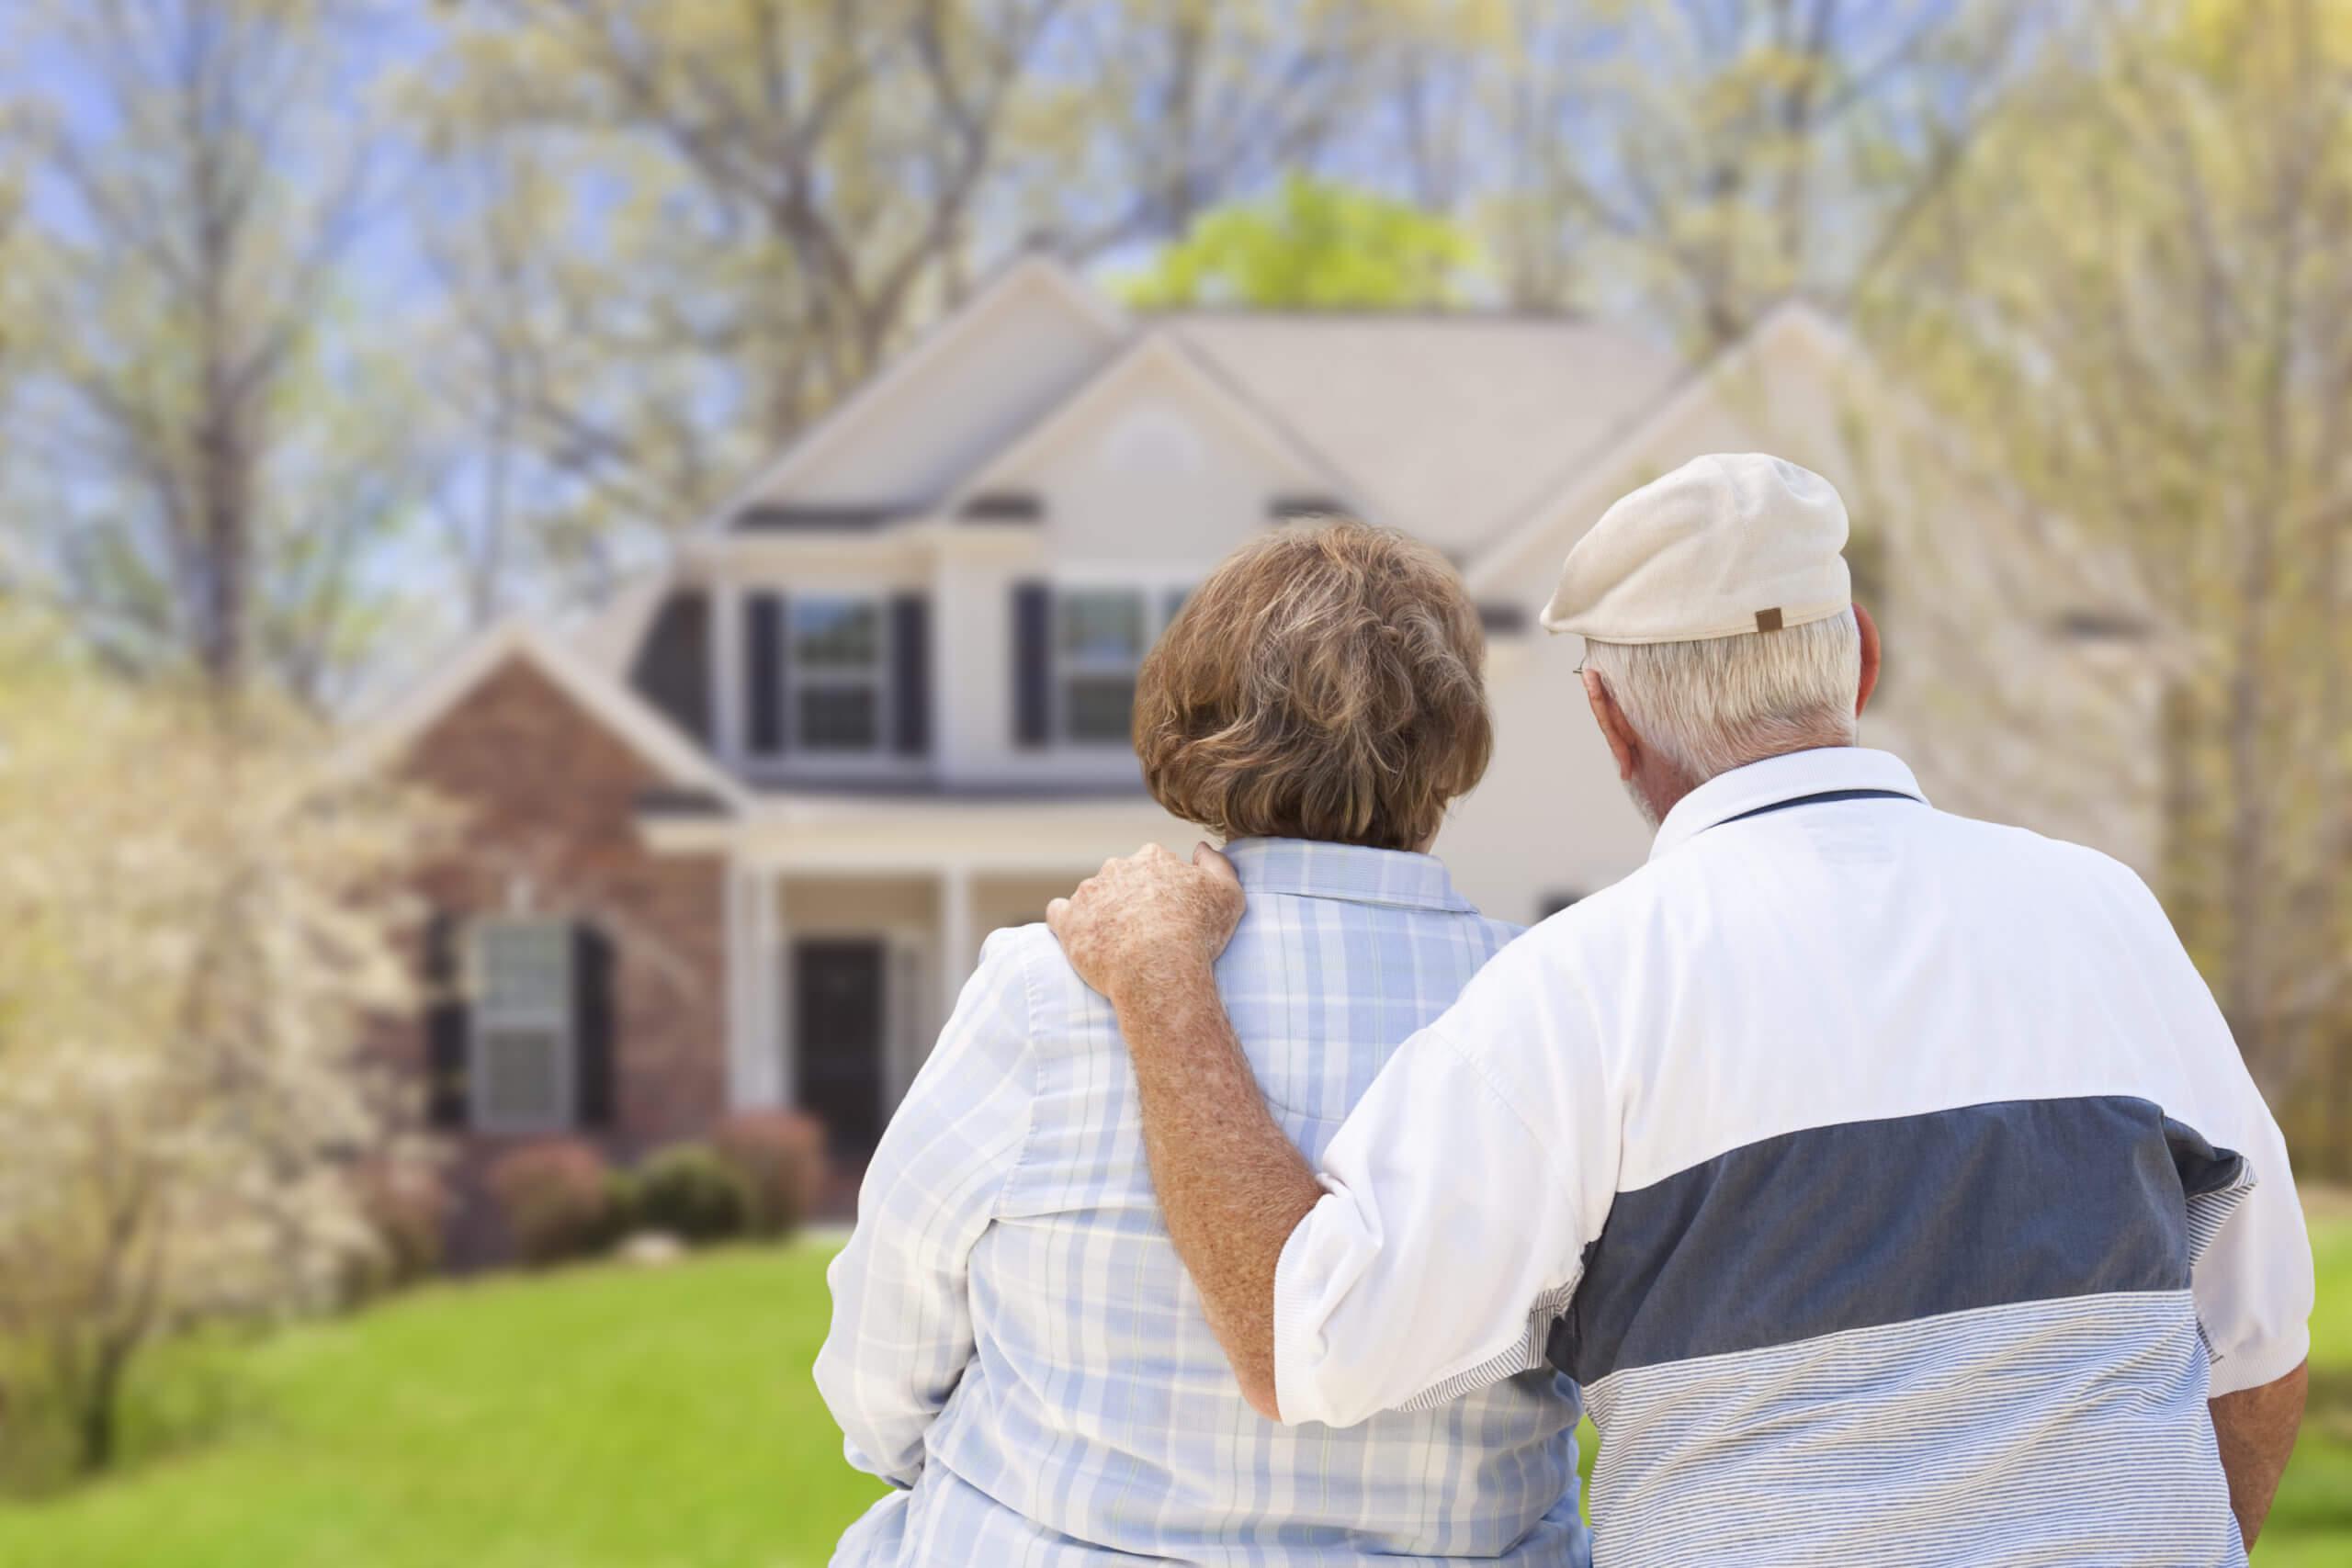 Условия получения ипотеки в Сбербанке для пенсионеров в 2020 году